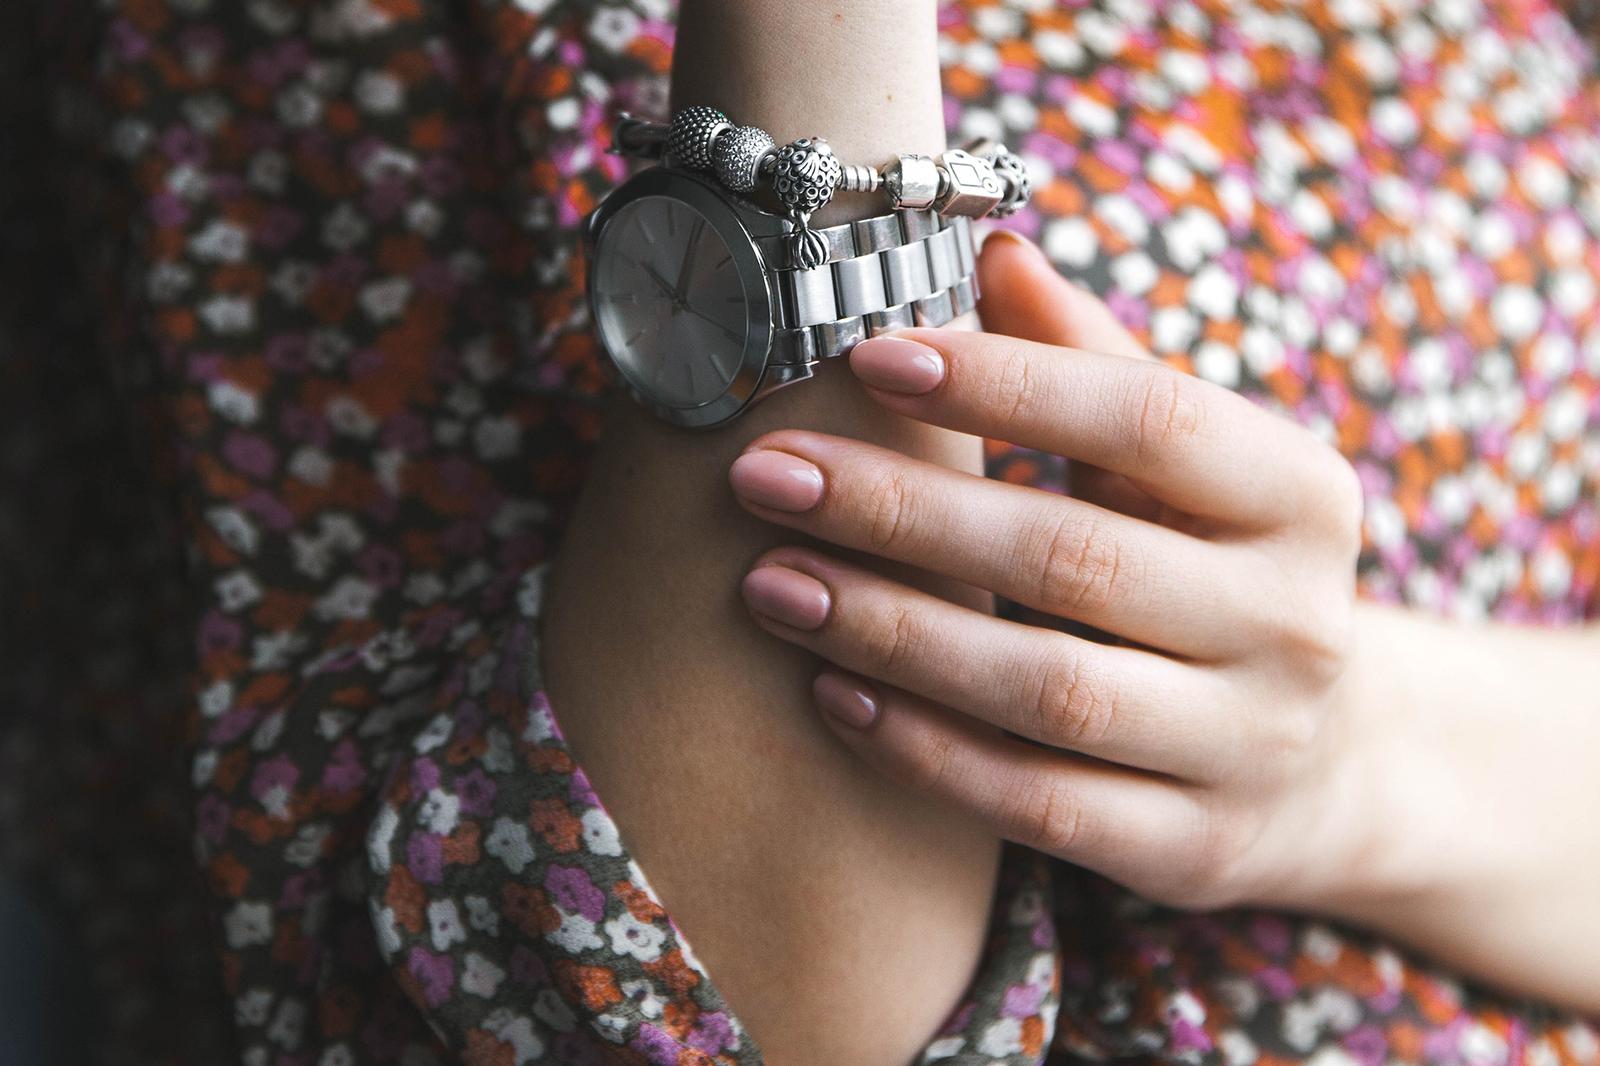 Kaputte Oder Unschone Fingernagel 15 Tipps Fur Gepflegte Nagel